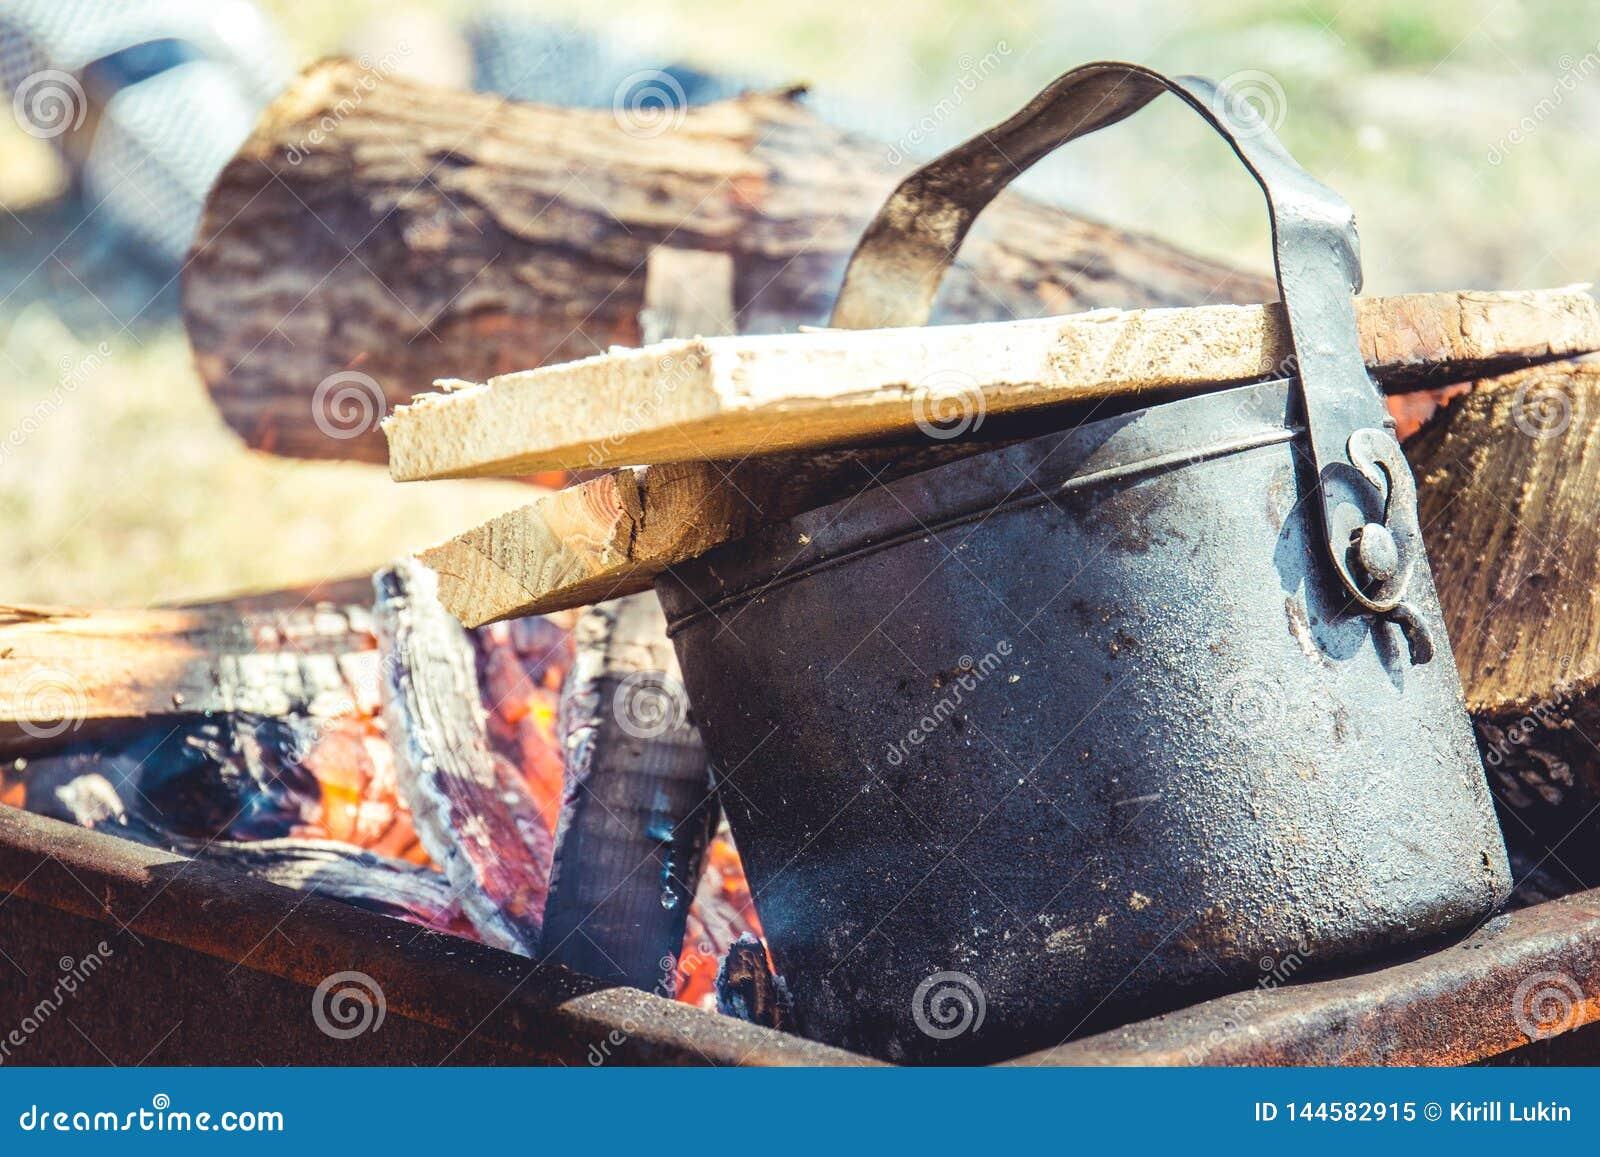 Chá que fabrica cerveja em um fogo